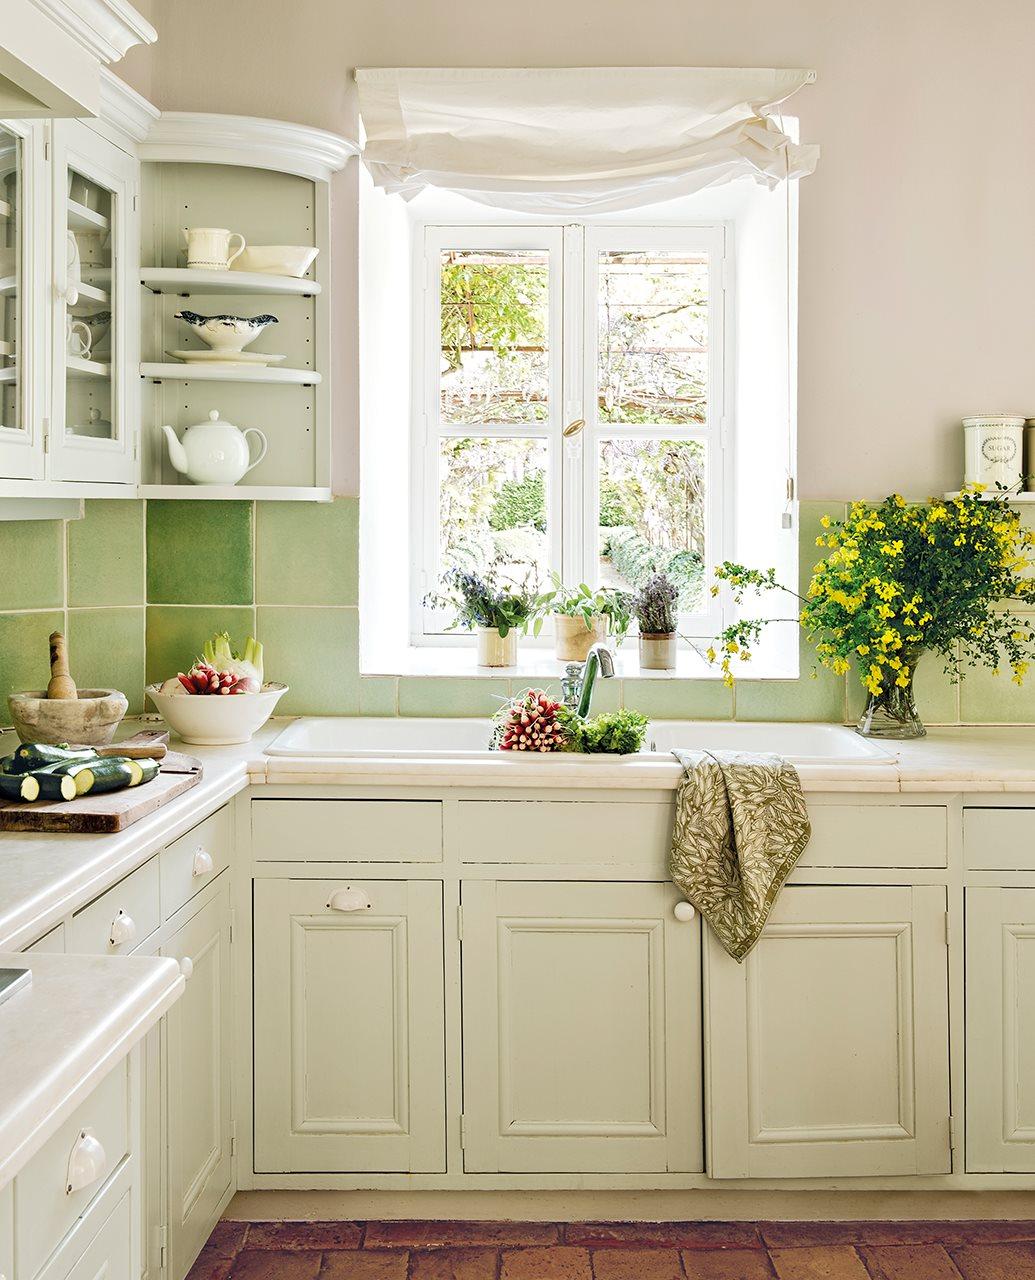 cocina con azulejos verdes y muebles en blanco 1035x1280 - La Ferme du Bon Dieu: A farm converted into a house which holds a love story